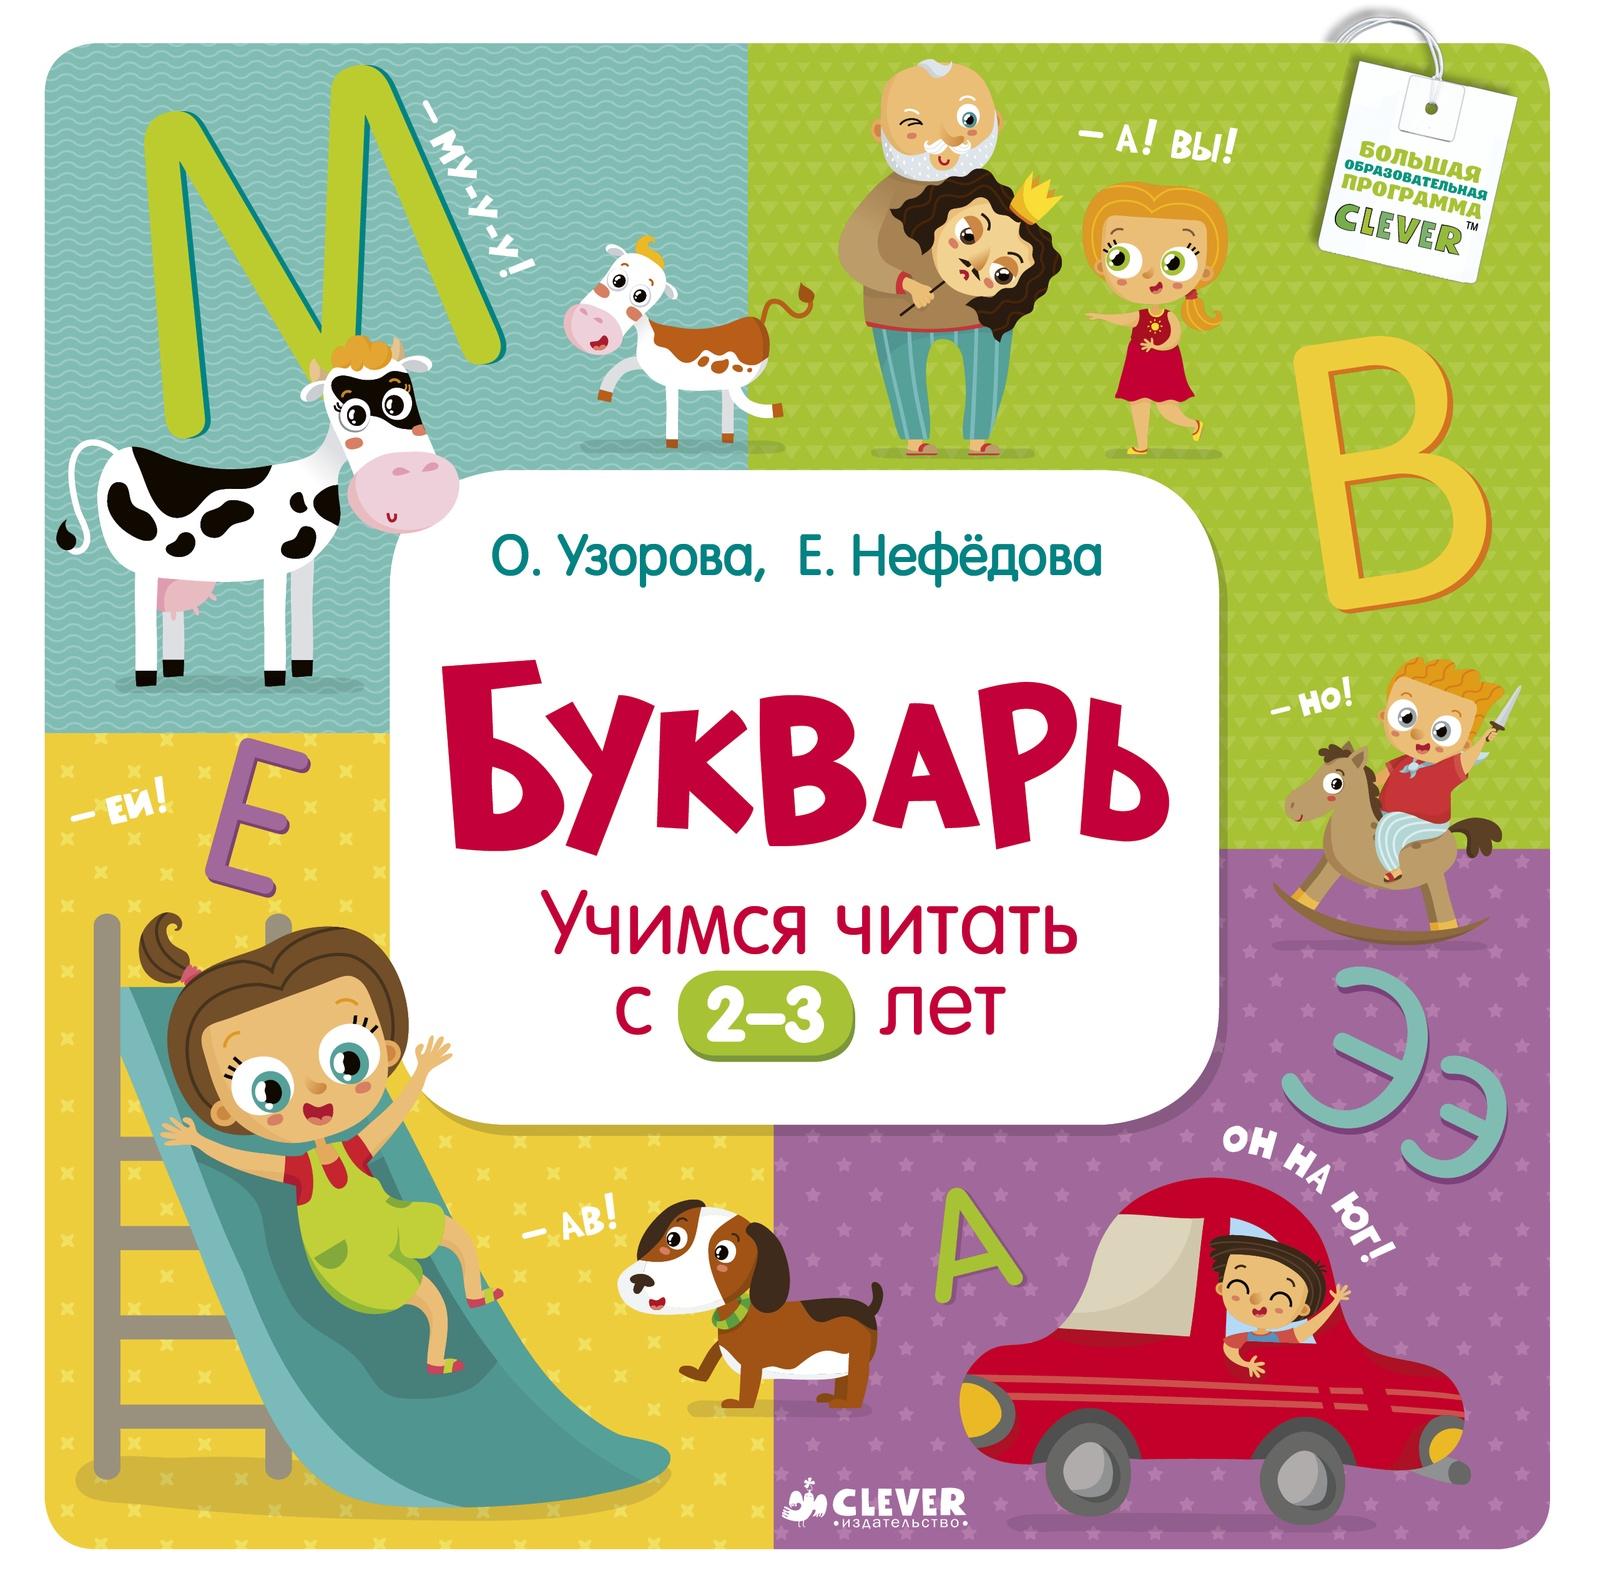 О. Узорова, Е. Нефедова Букварь. Учимся читать с 2-3 лет